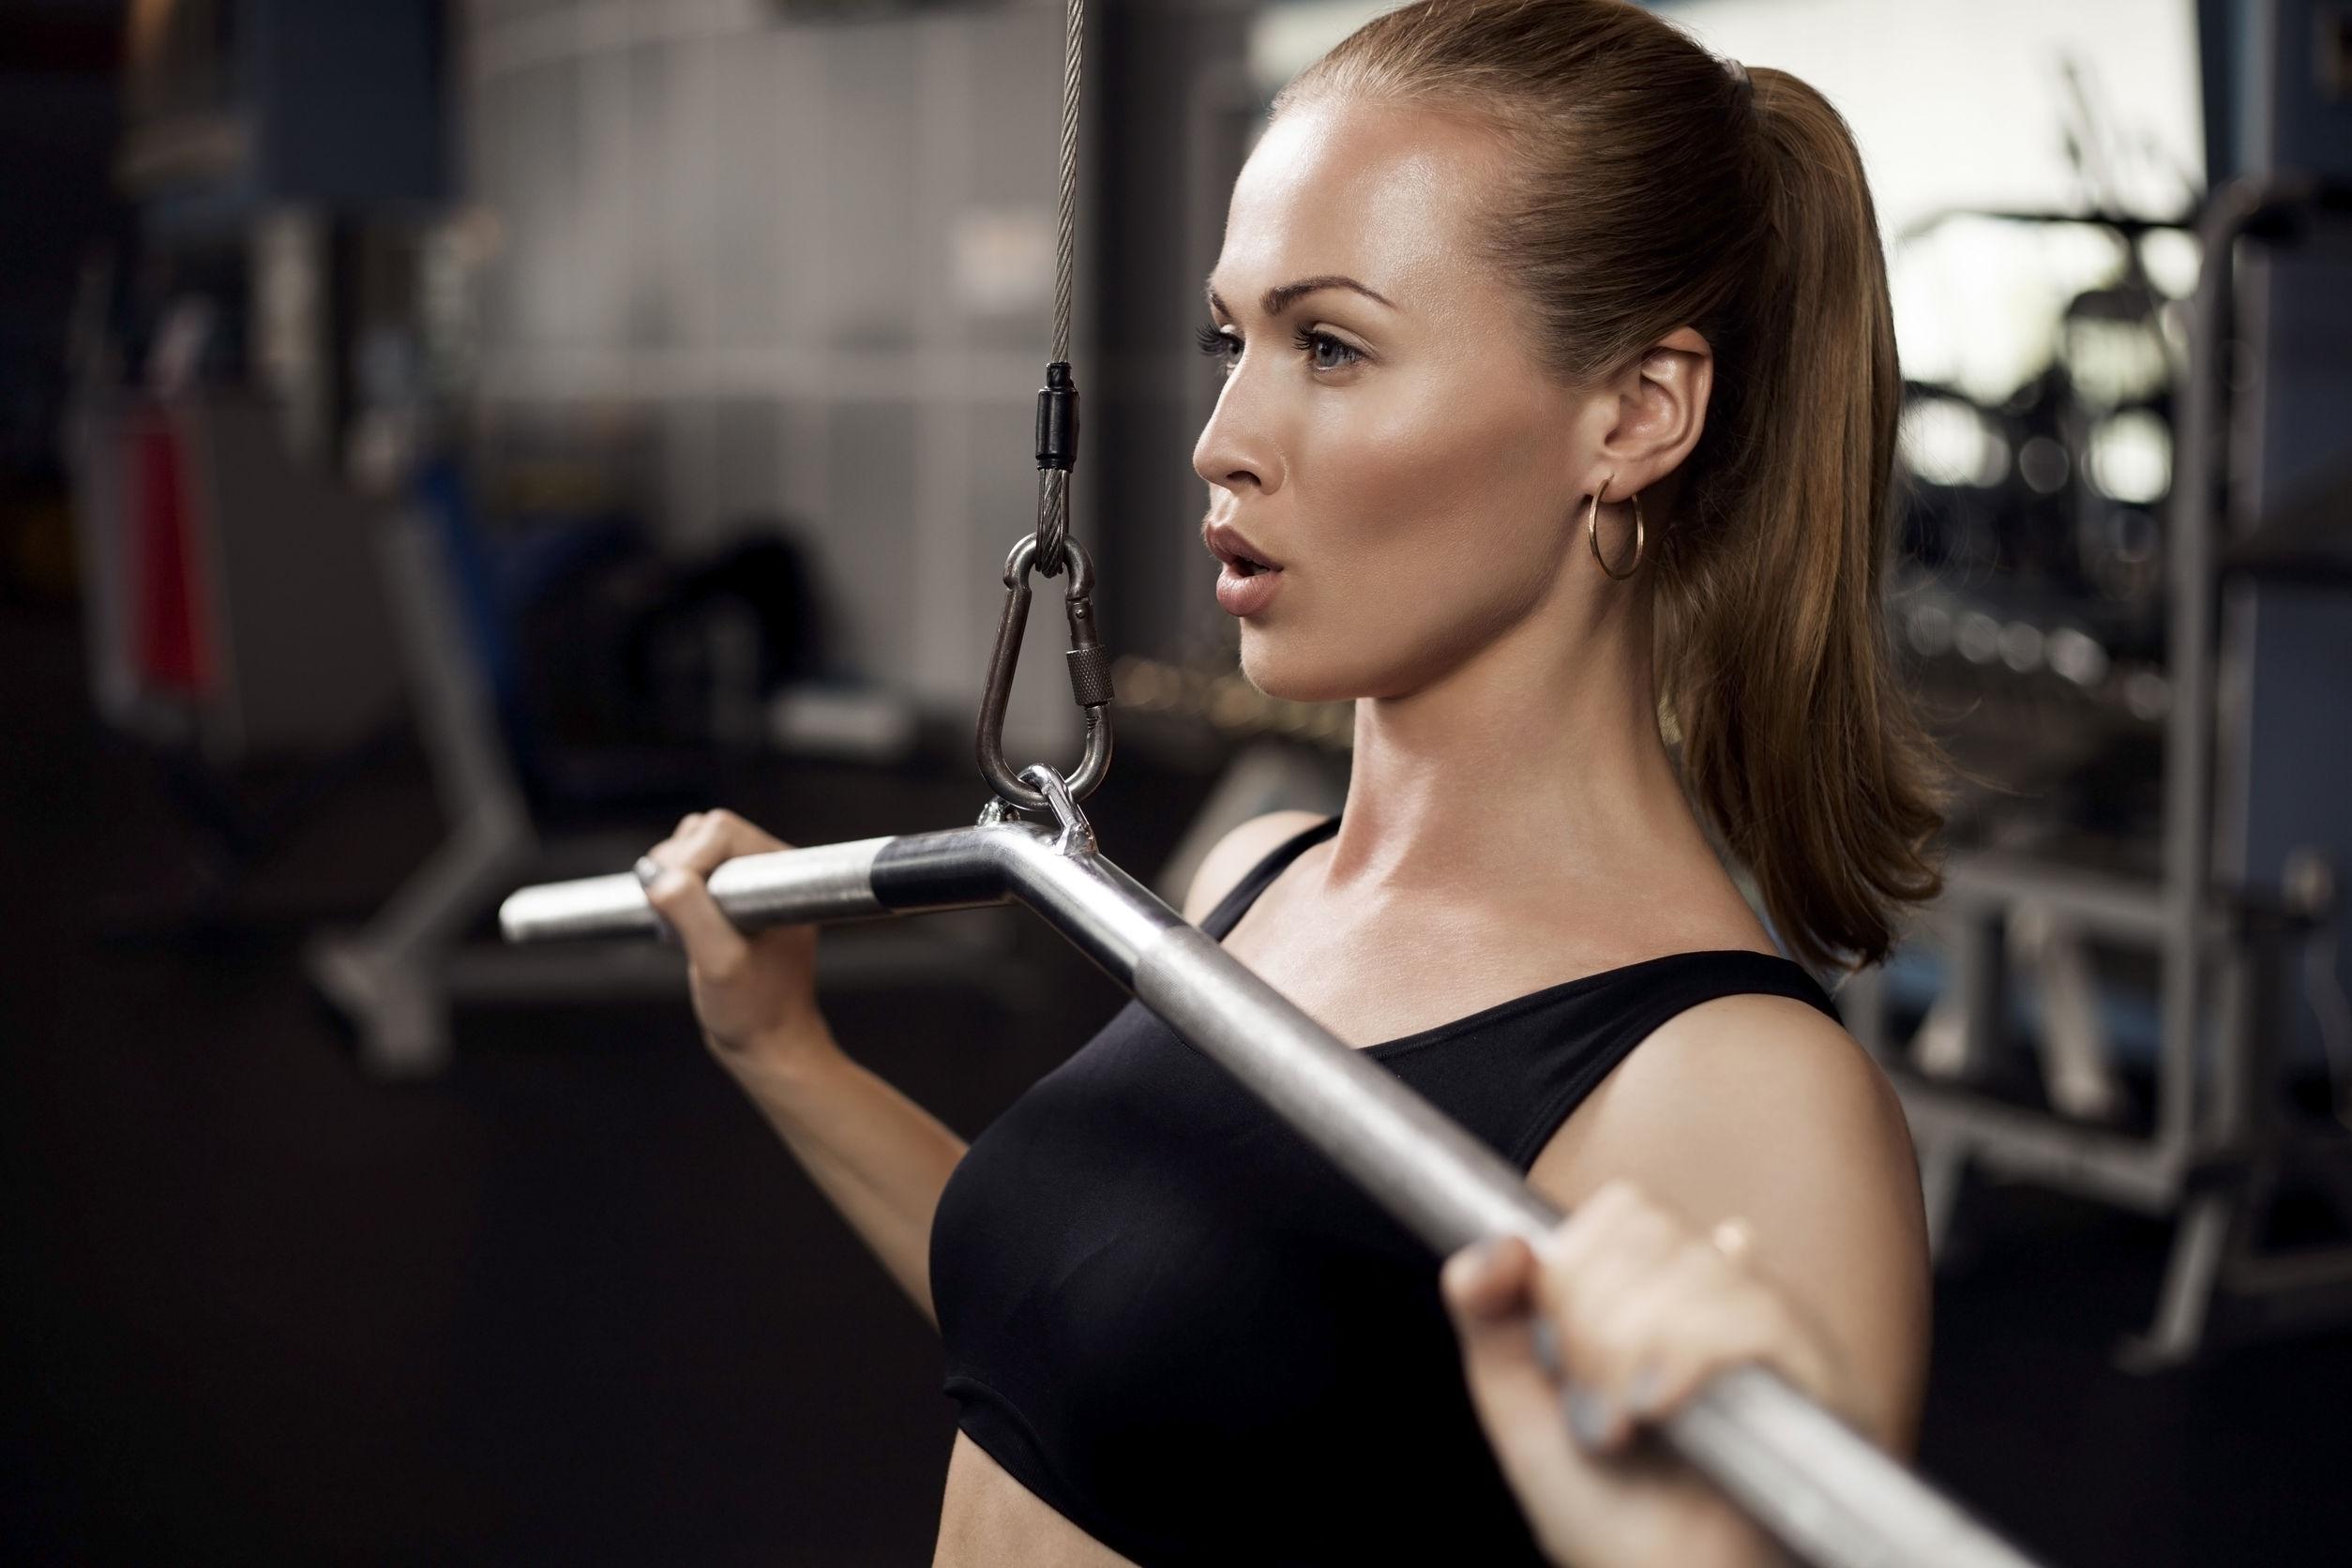 Makijaż na siłownię